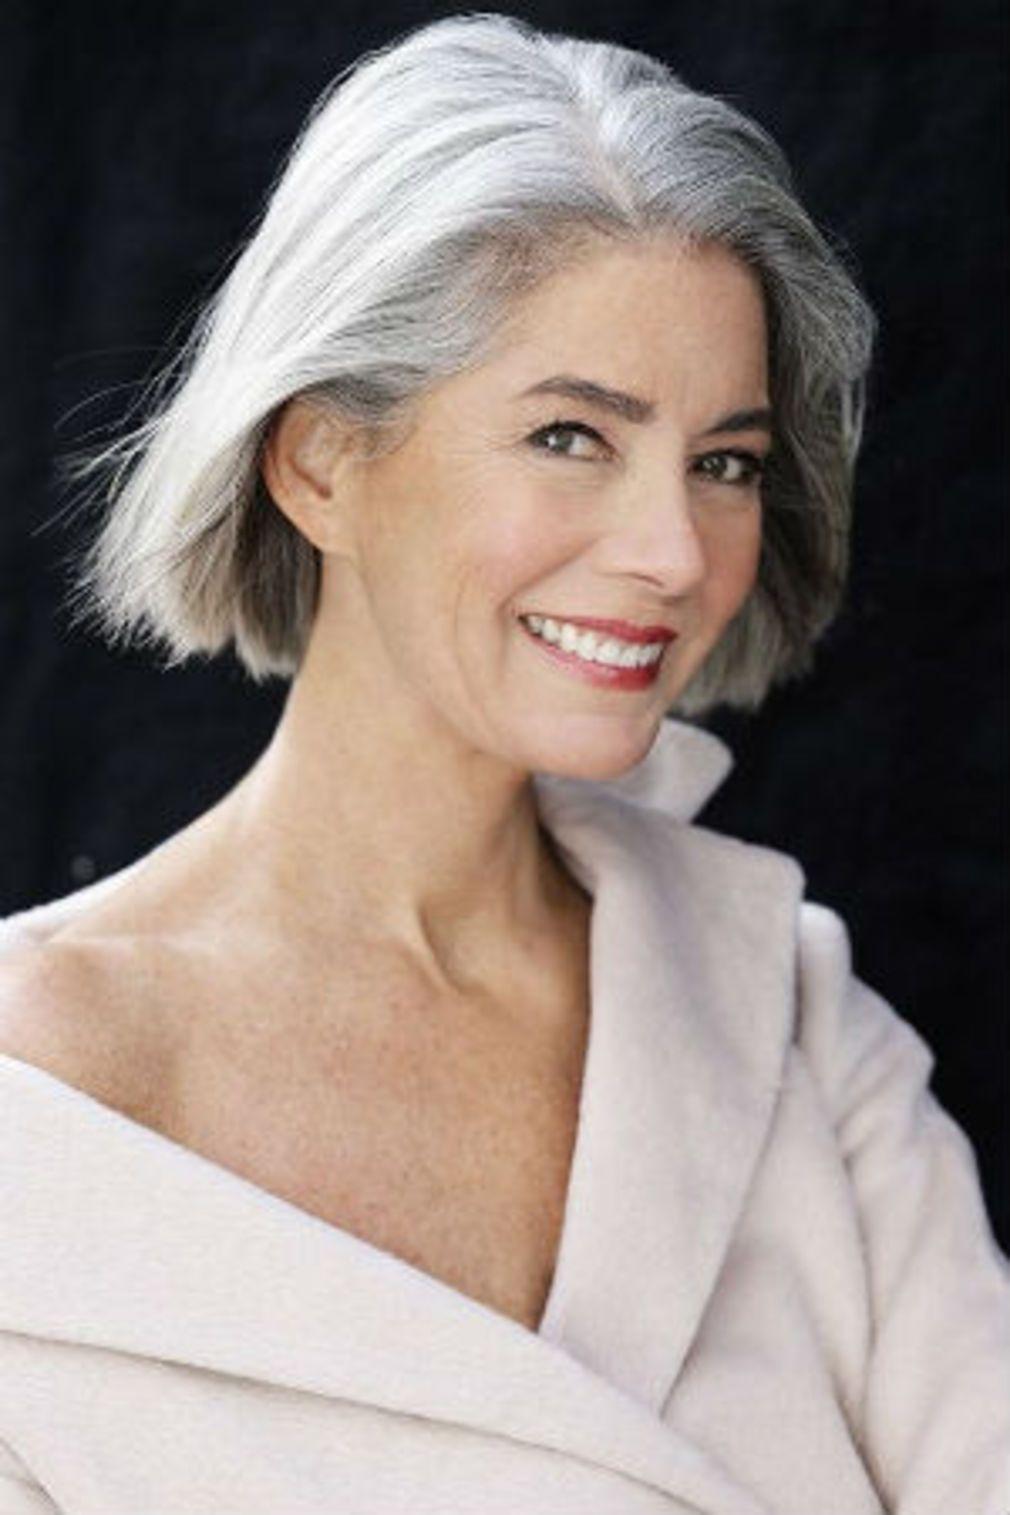 Bien connu Cheveux gris : 40 coiffures qui ne font pas mamie | Cheveux gris  PK59